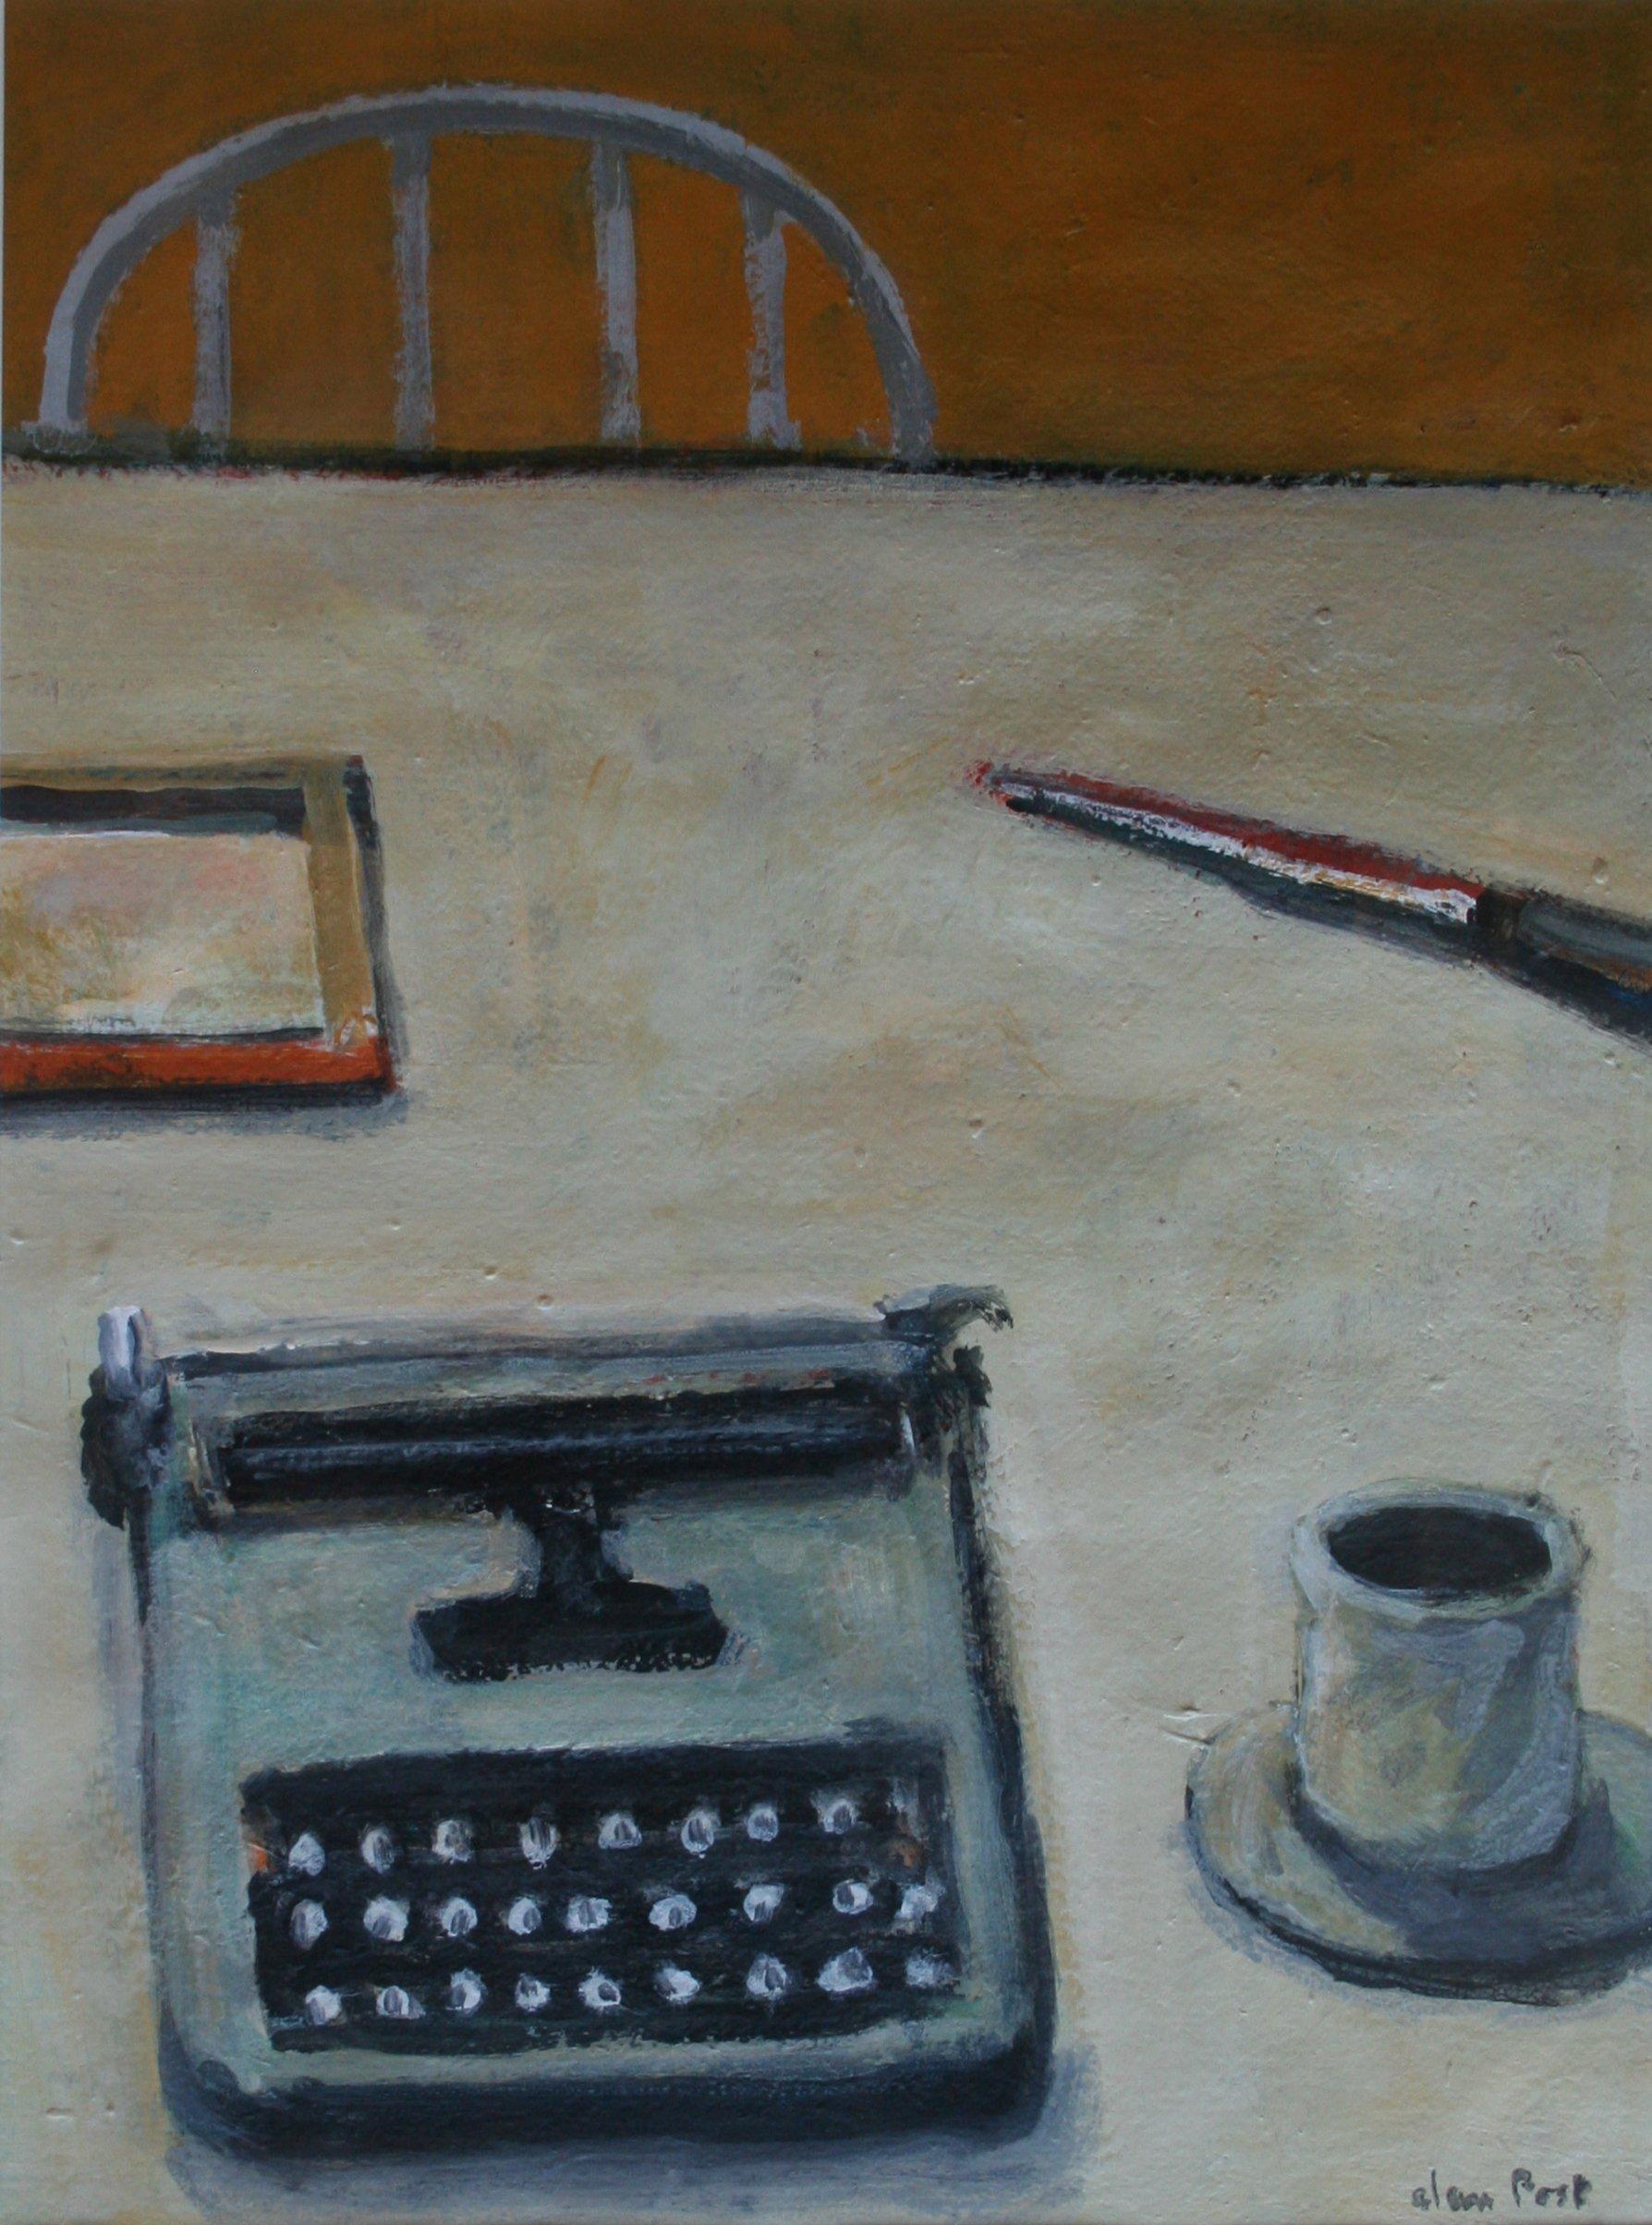 Alan Post Typewriter